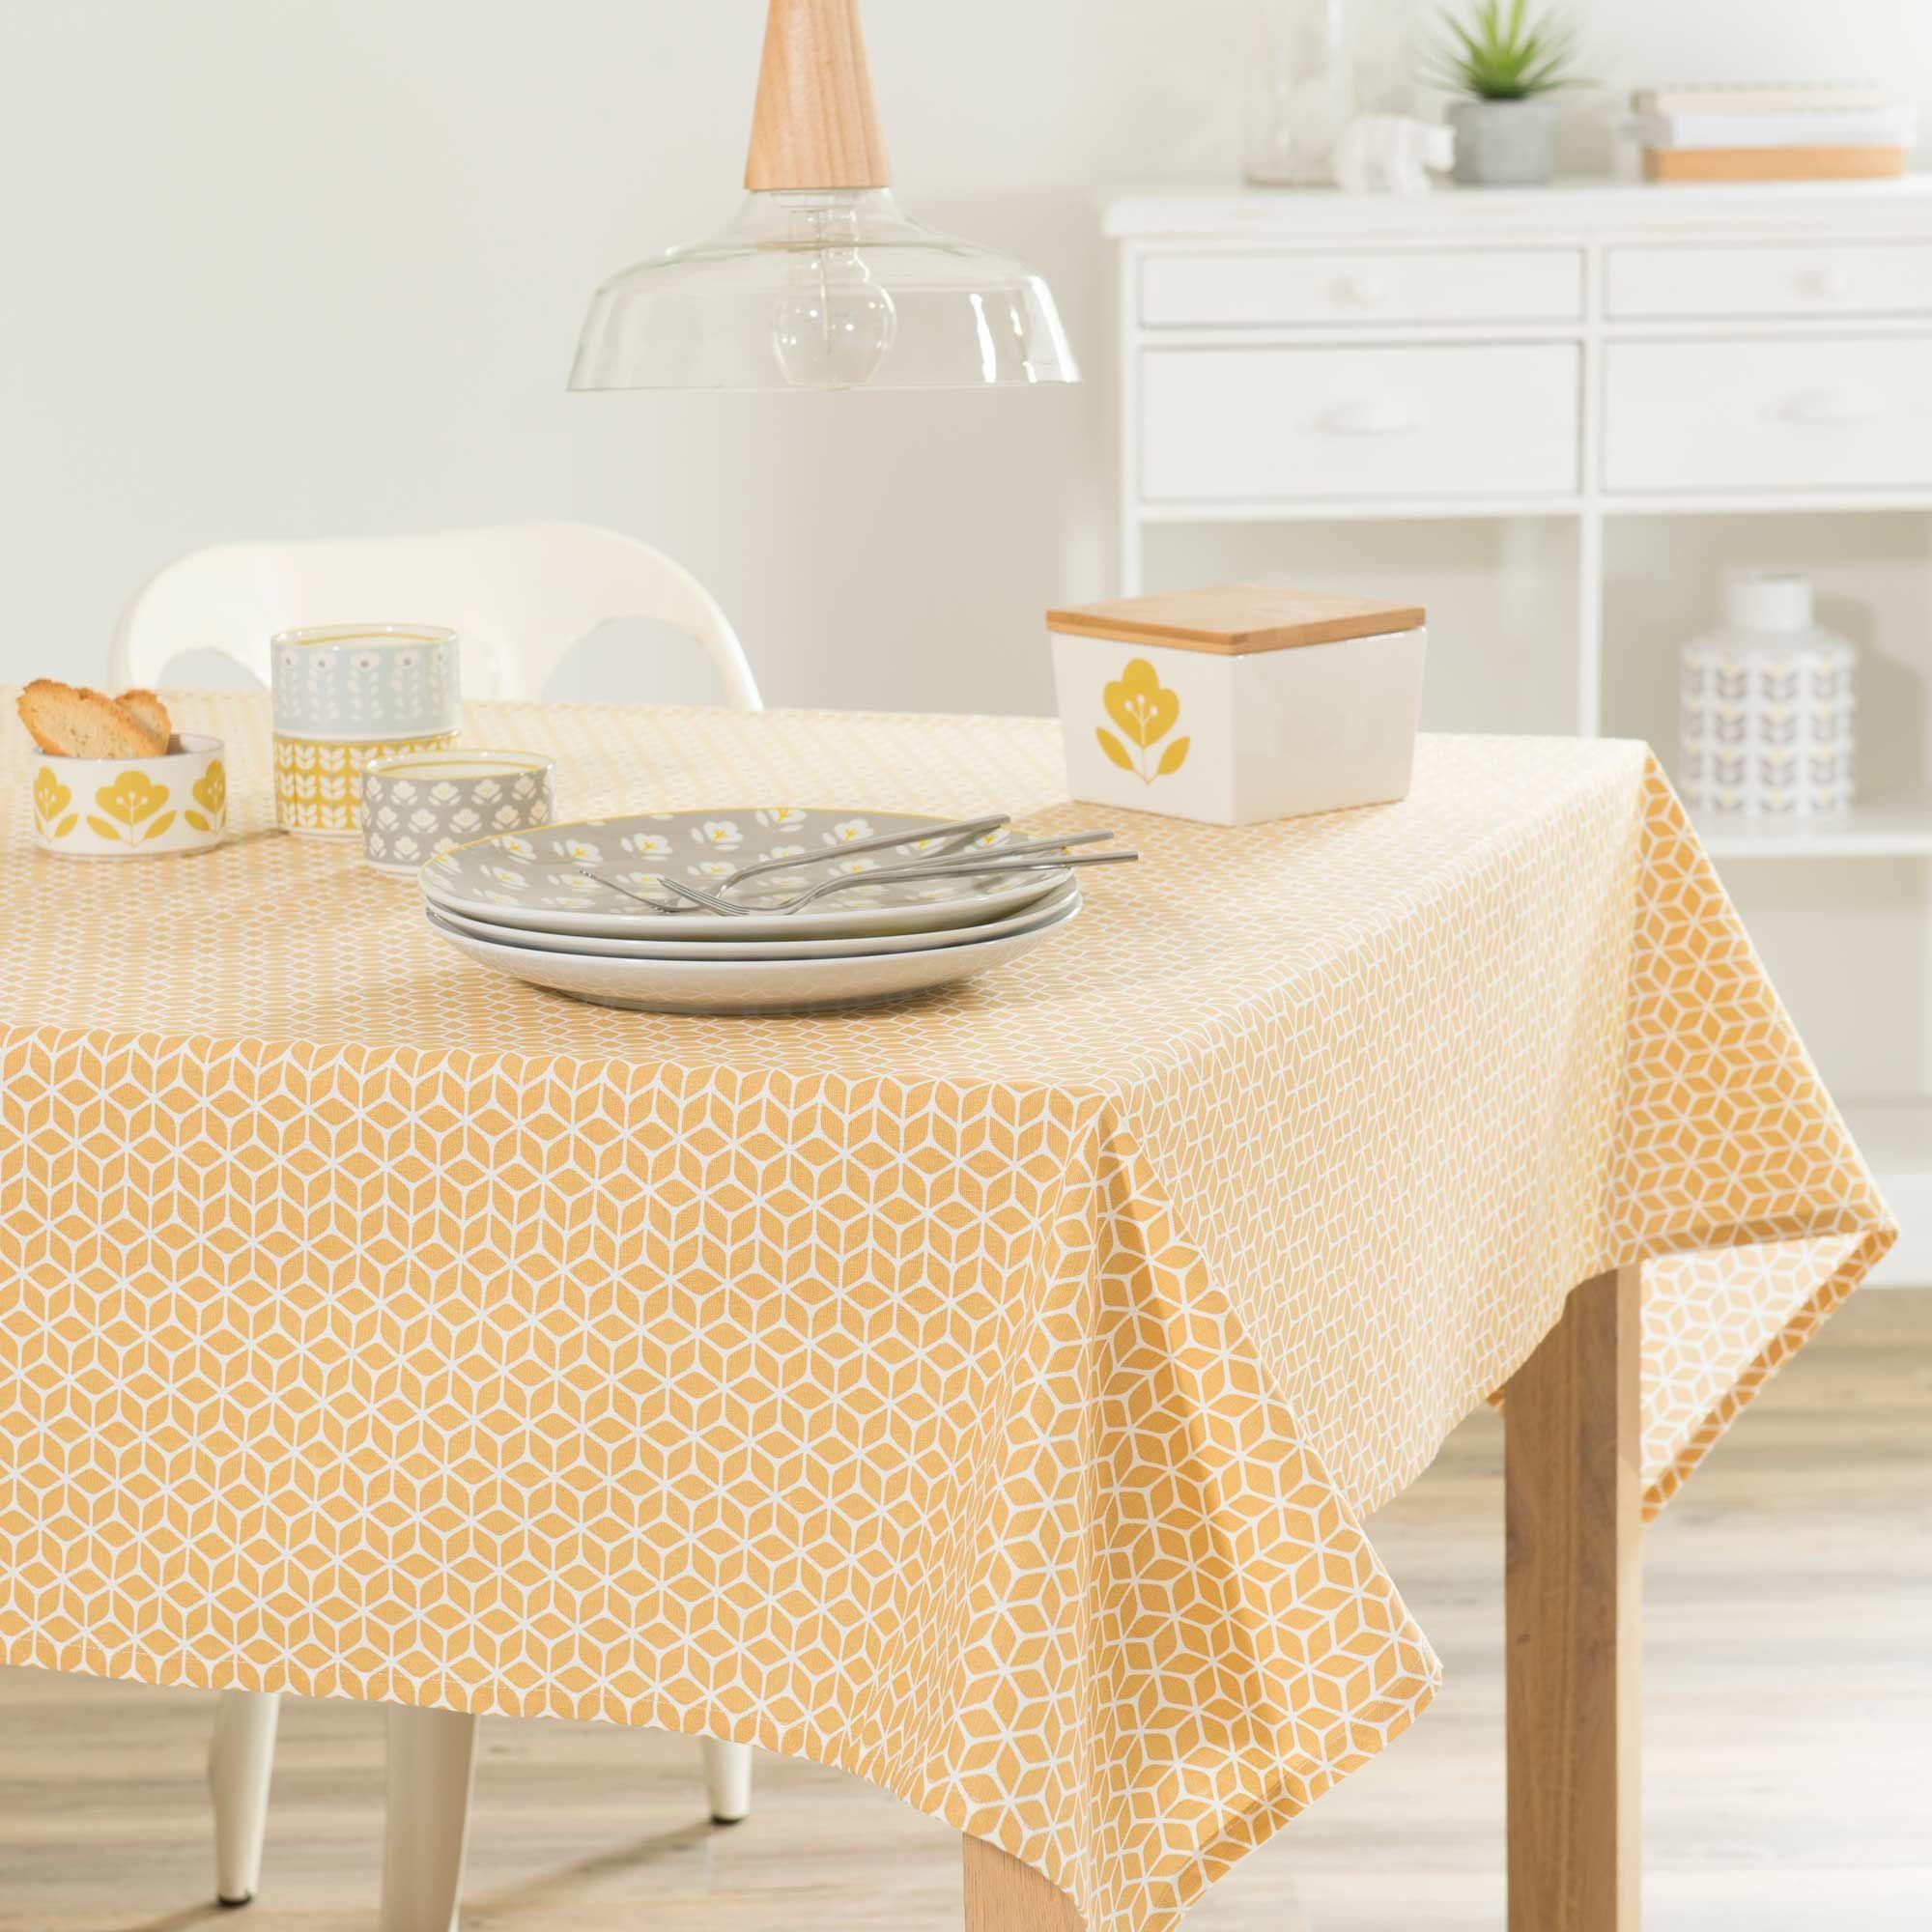 nappe en coton jaune 150 x 250 cm vintage maisons du monde presque nappe moutarde. Black Bedroom Furniture Sets. Home Design Ideas